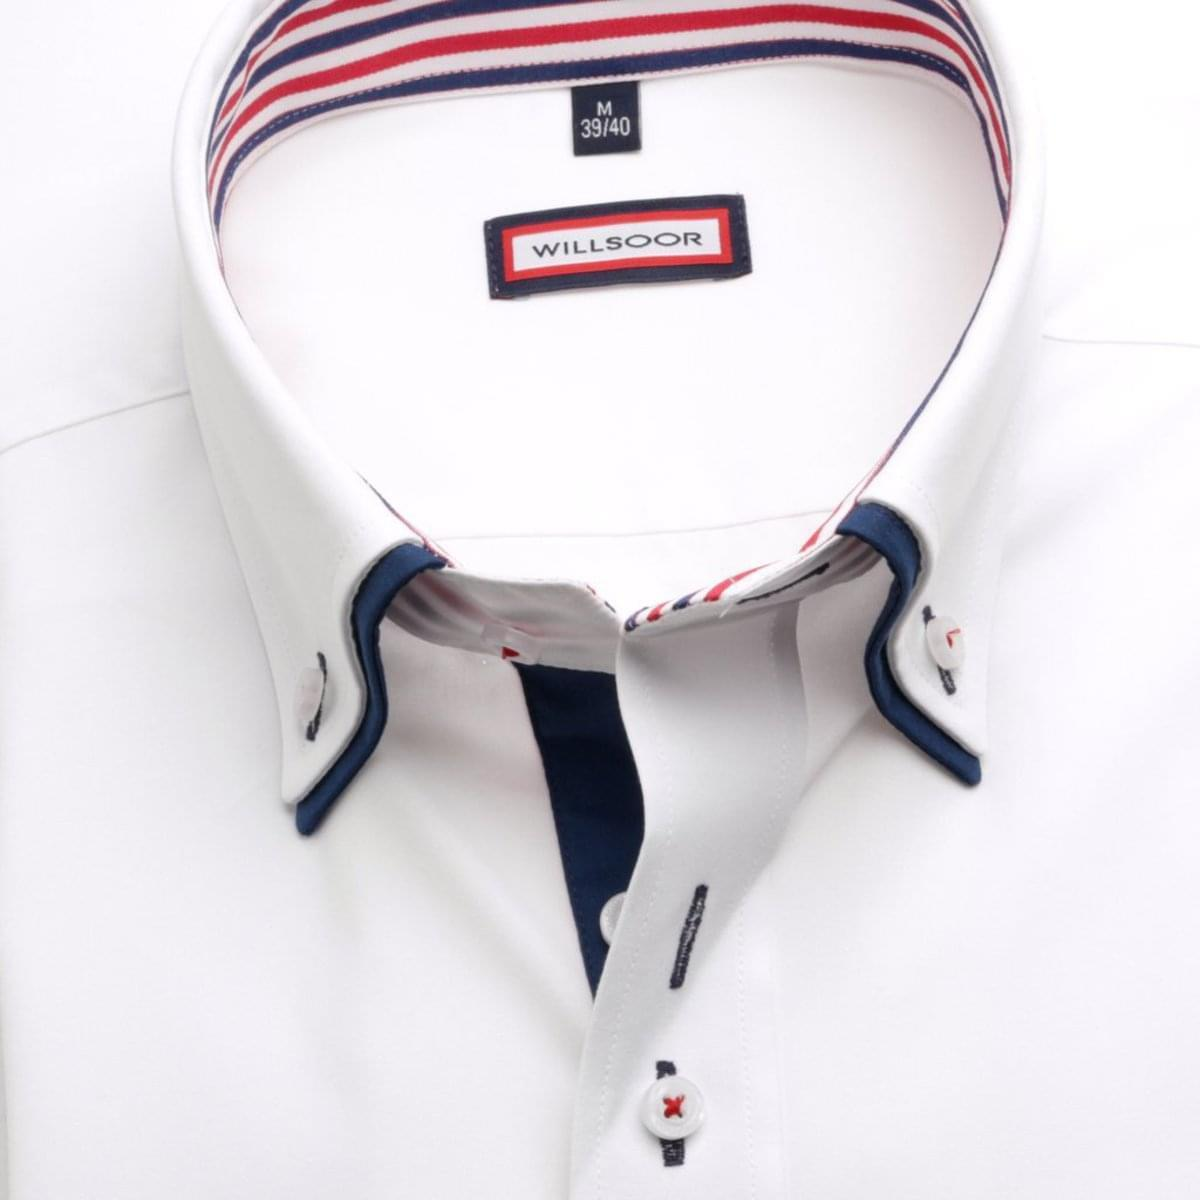 Pánská košile Classic v bílé barvě (výška 164-170) 5462 176-182 / L (41/42)